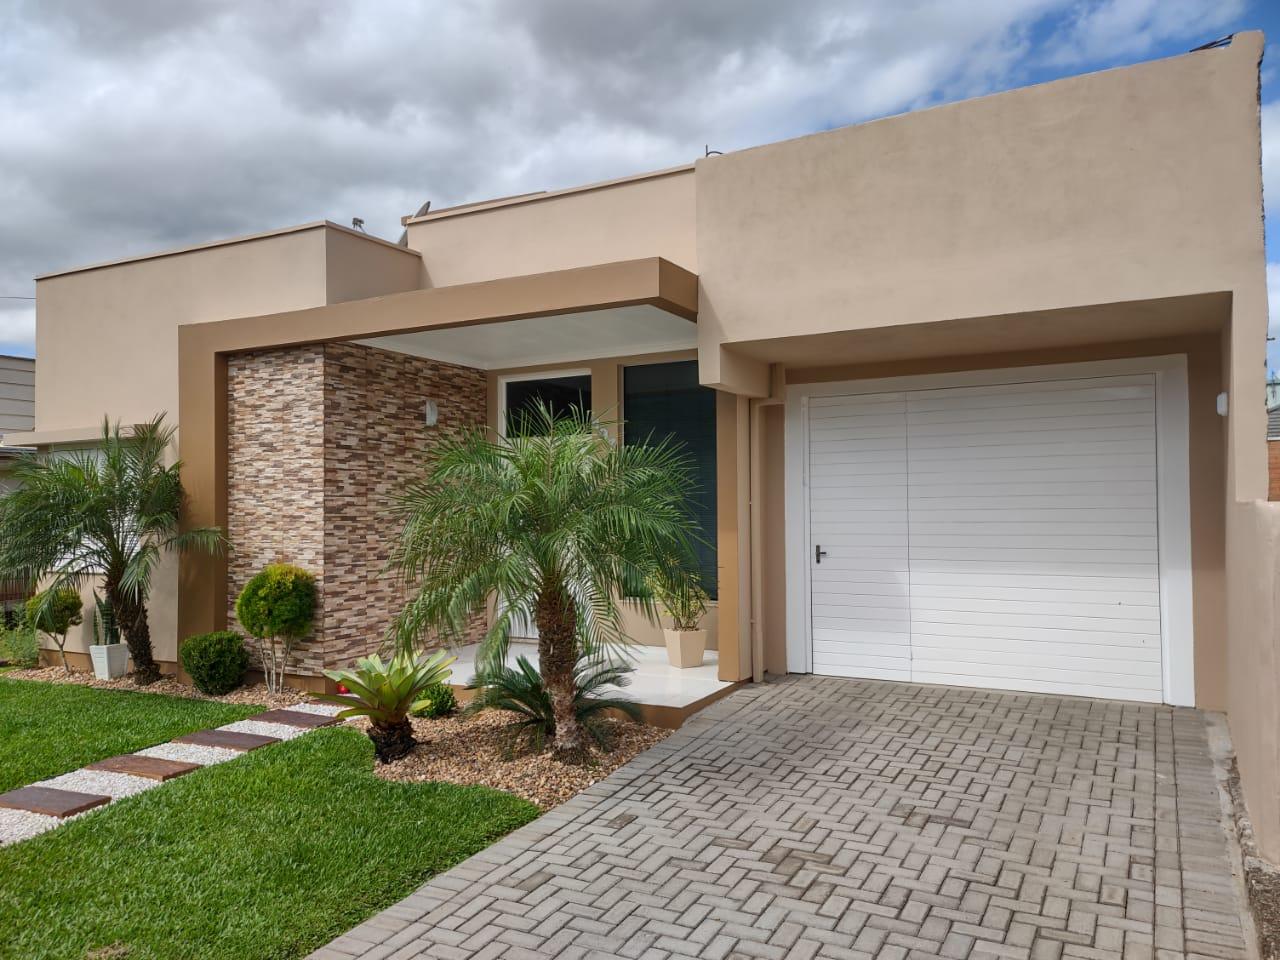 Fotos do imóvel Vendo Formosa Casa no Residencial da Bica - Sparrenberger Imóveis